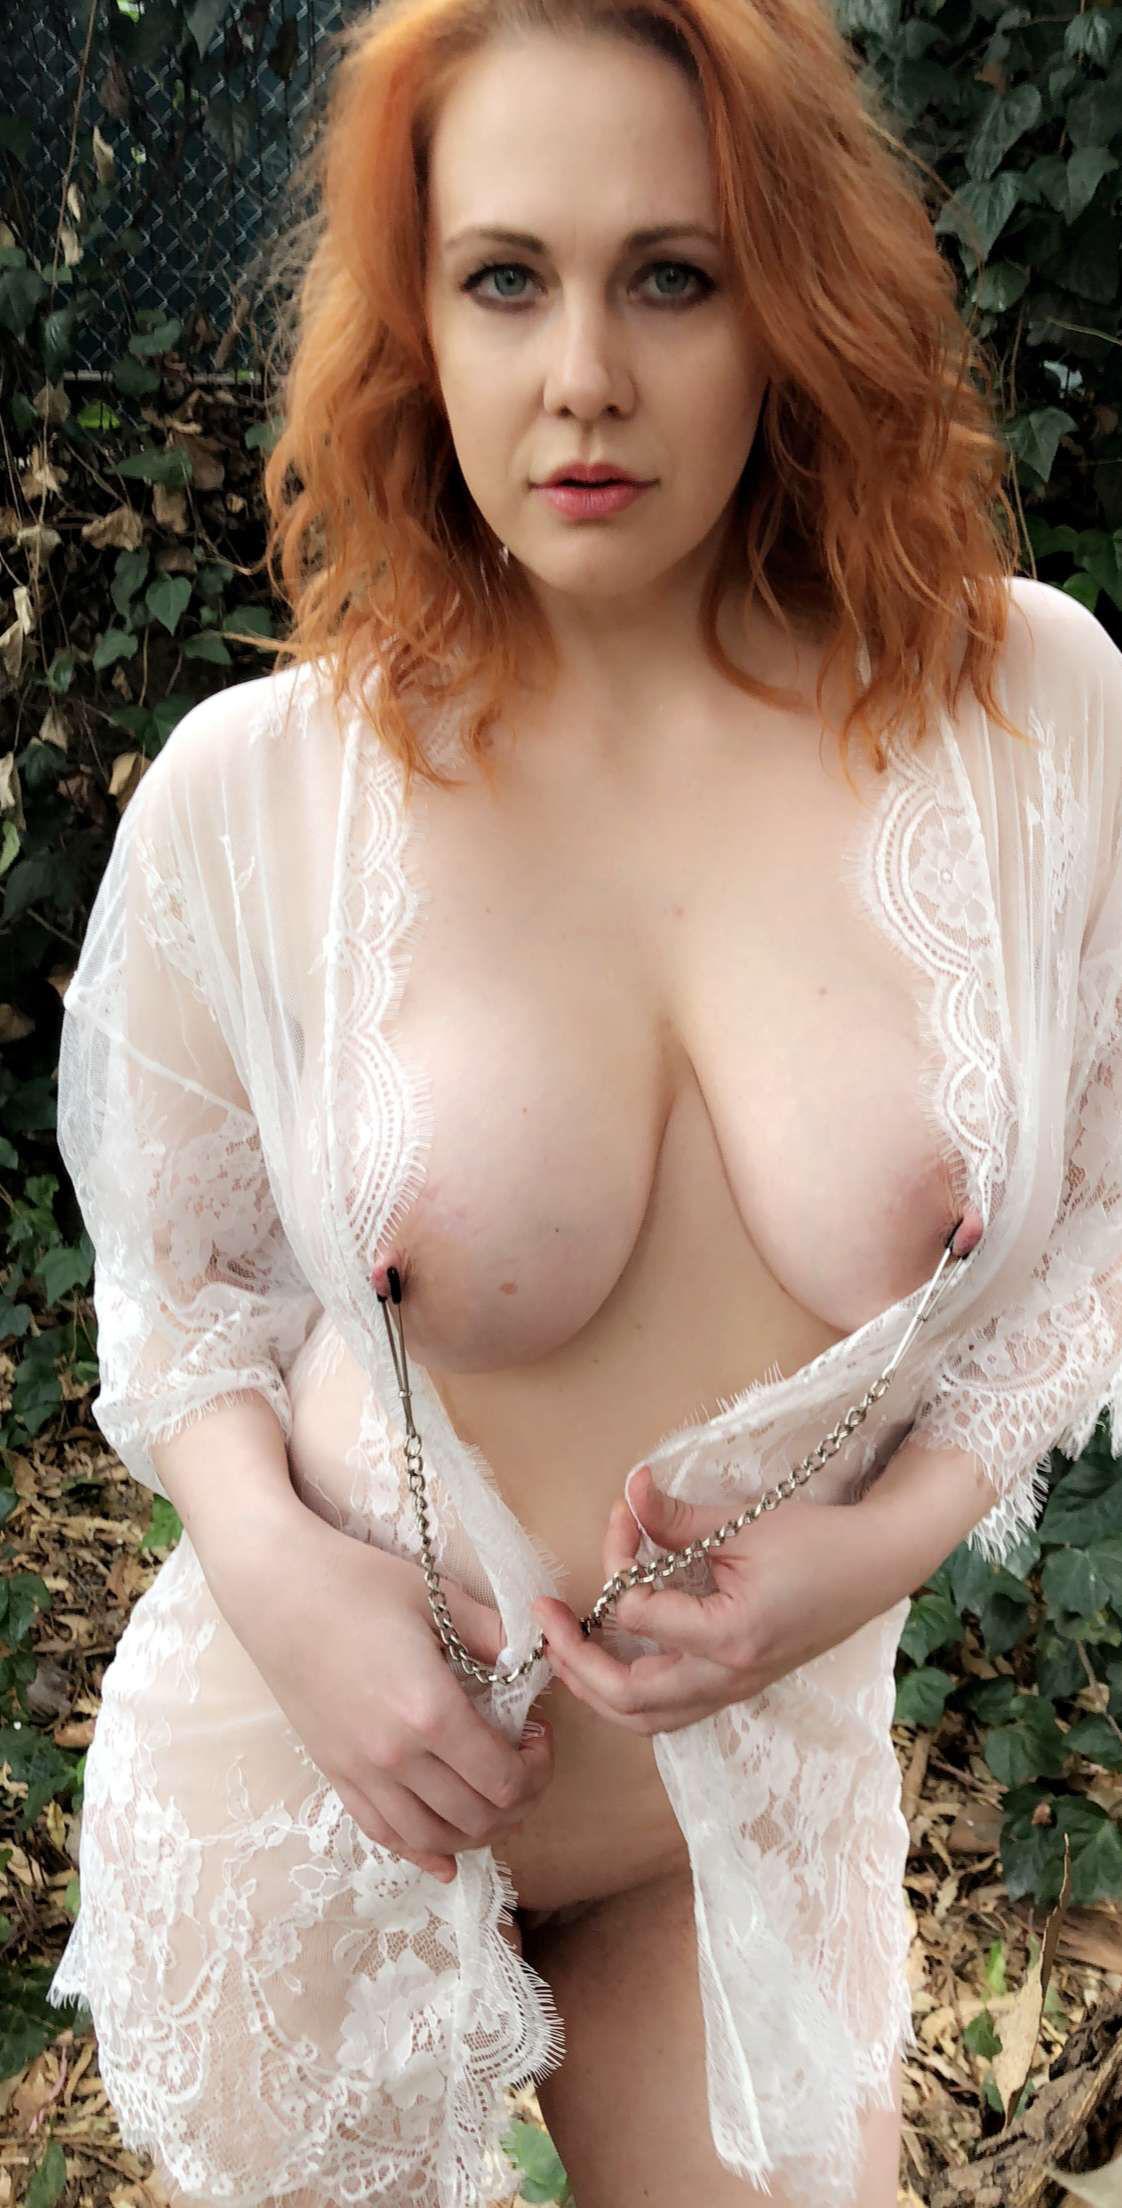 Deutsches transsexuelles model,Millie brady tits XXX fotos Courtney barnum 2019,Dora yoder nude sexy pics